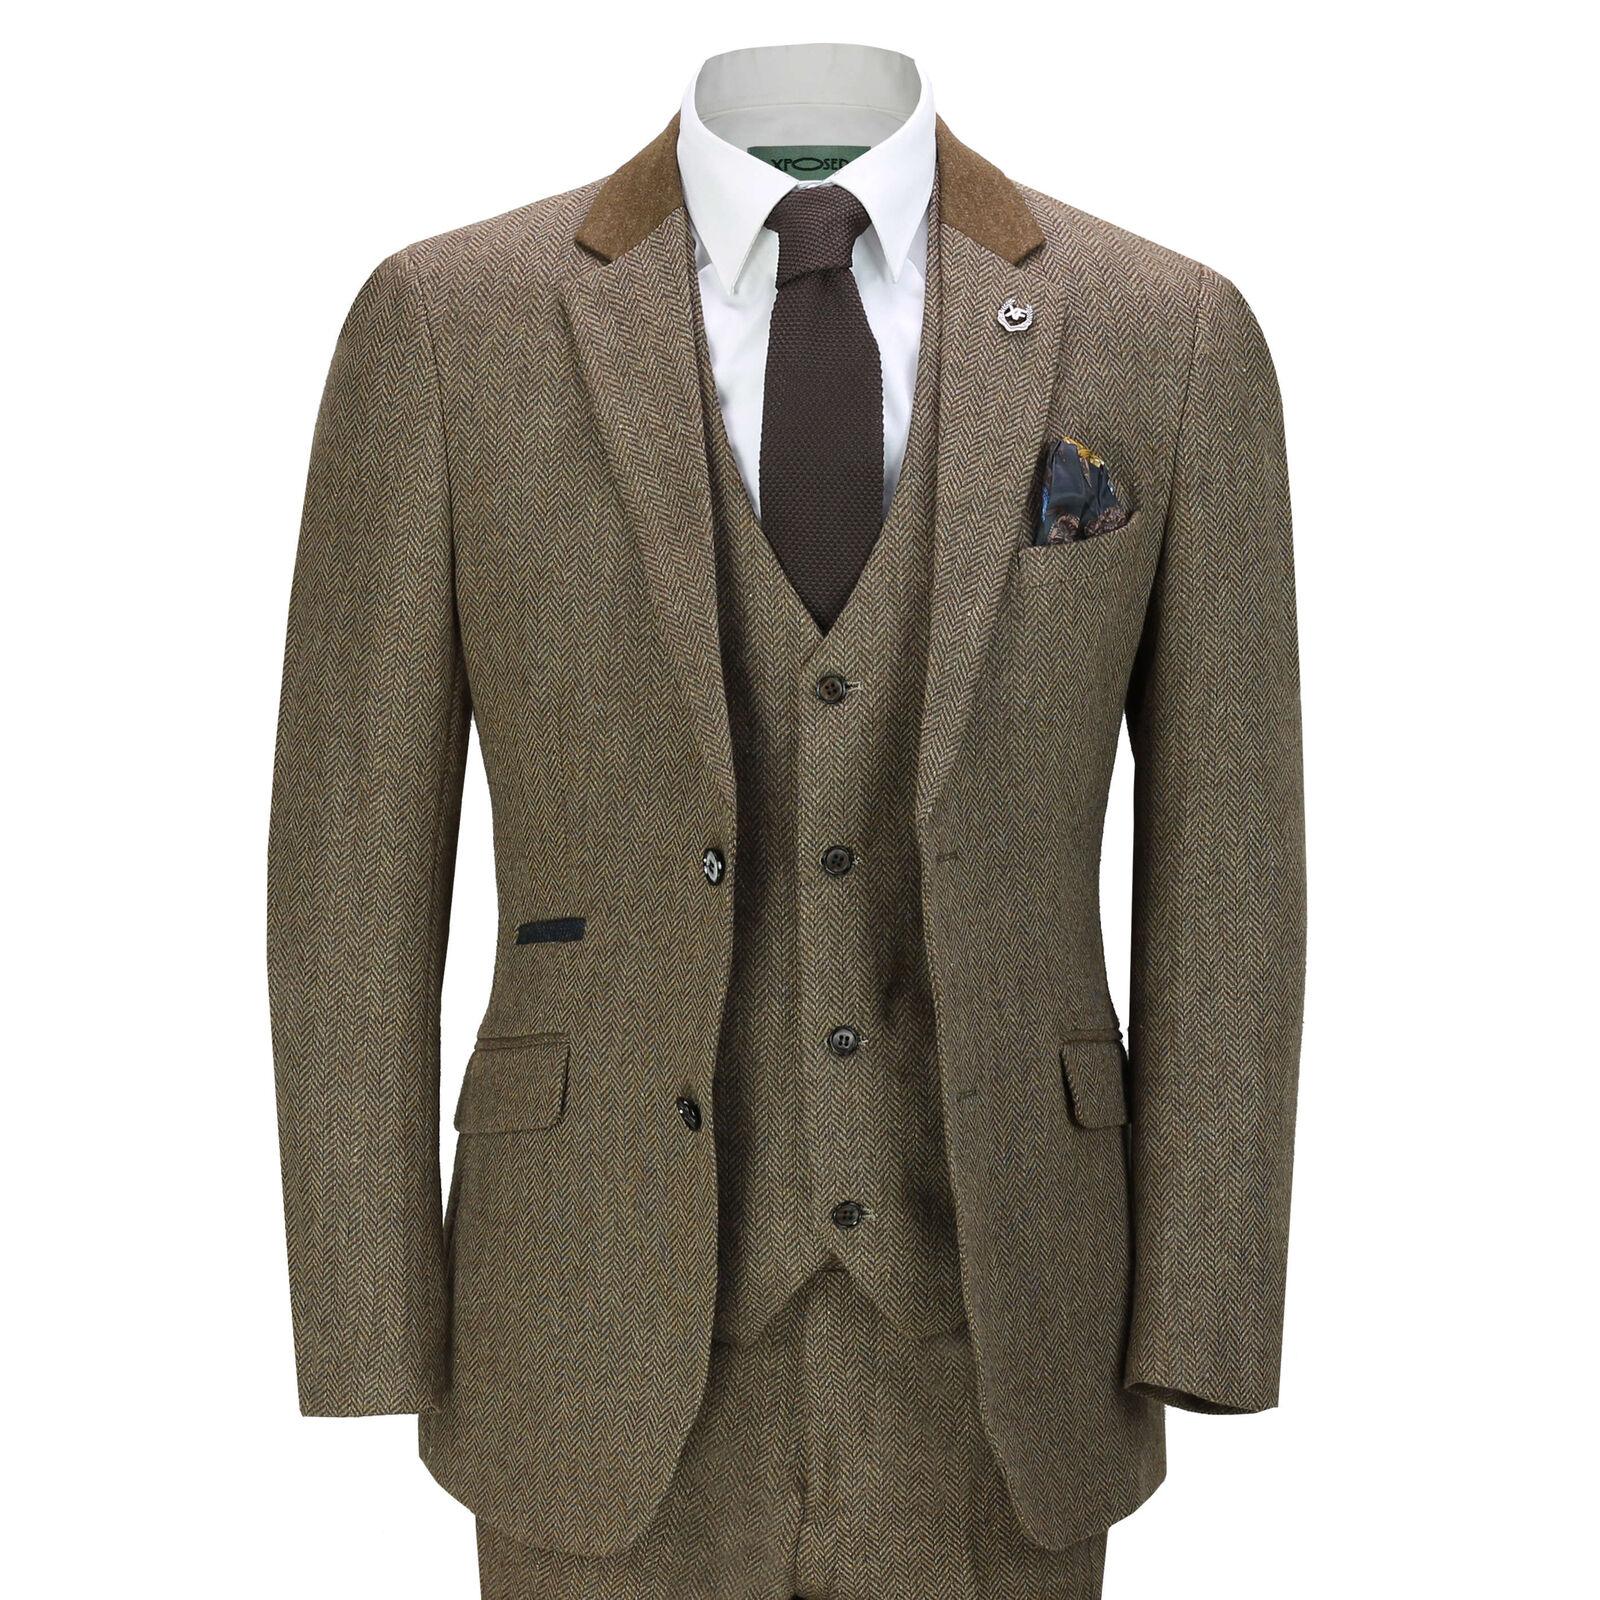 Tommy Hilfiger Mens Gray Pinstripe MOD FIT Flat Front 2 Piece Suit 42L 34x31